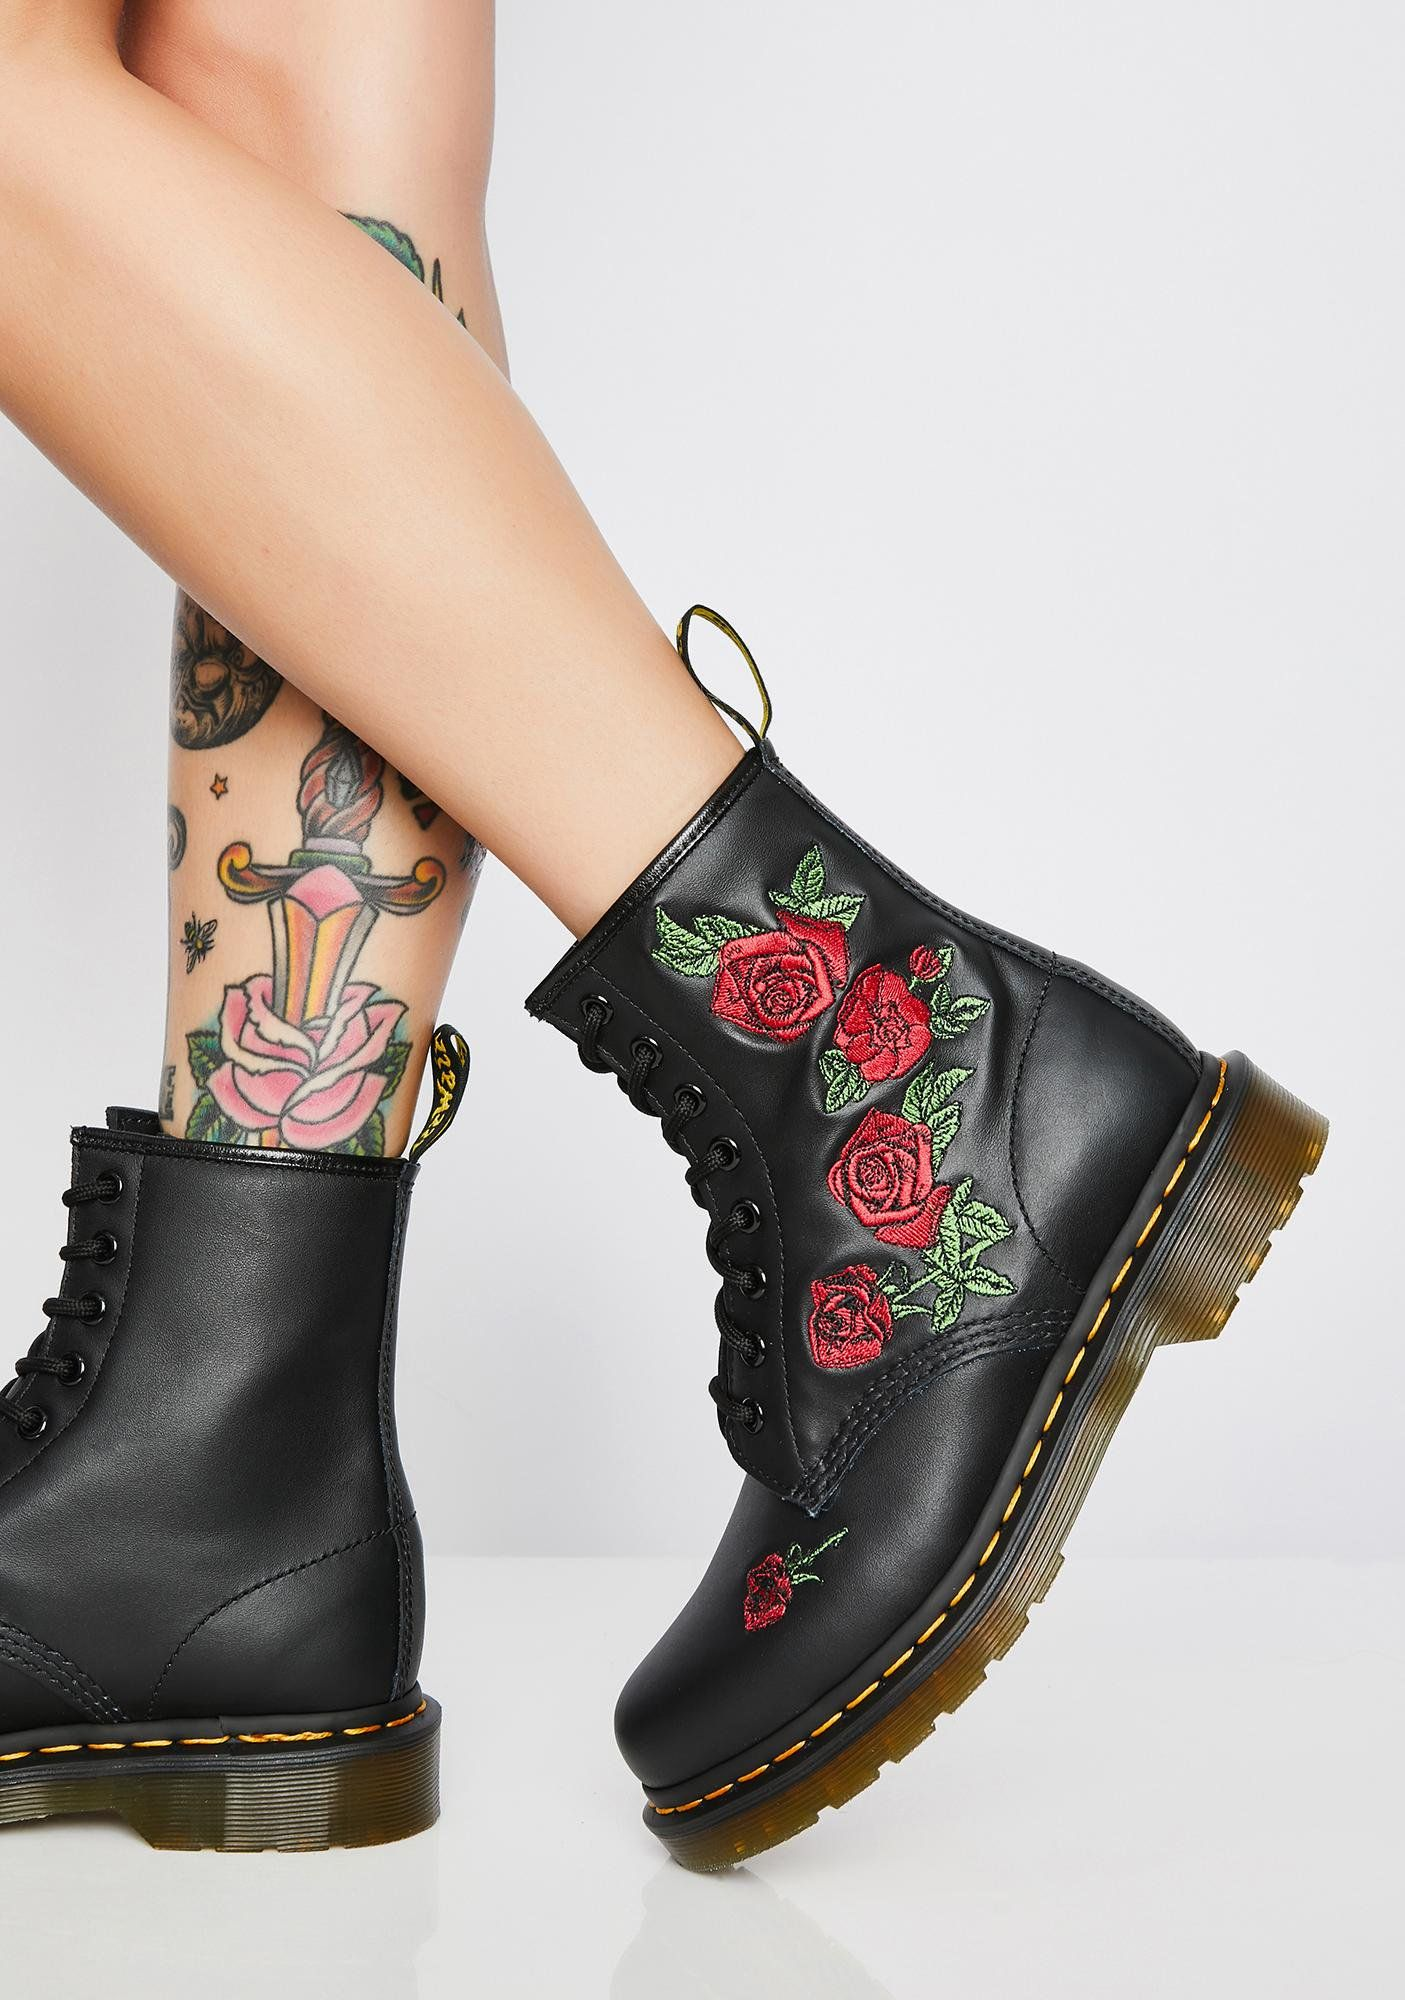 1460 Vonda Boots | Boots, Punk boots, Combat boots